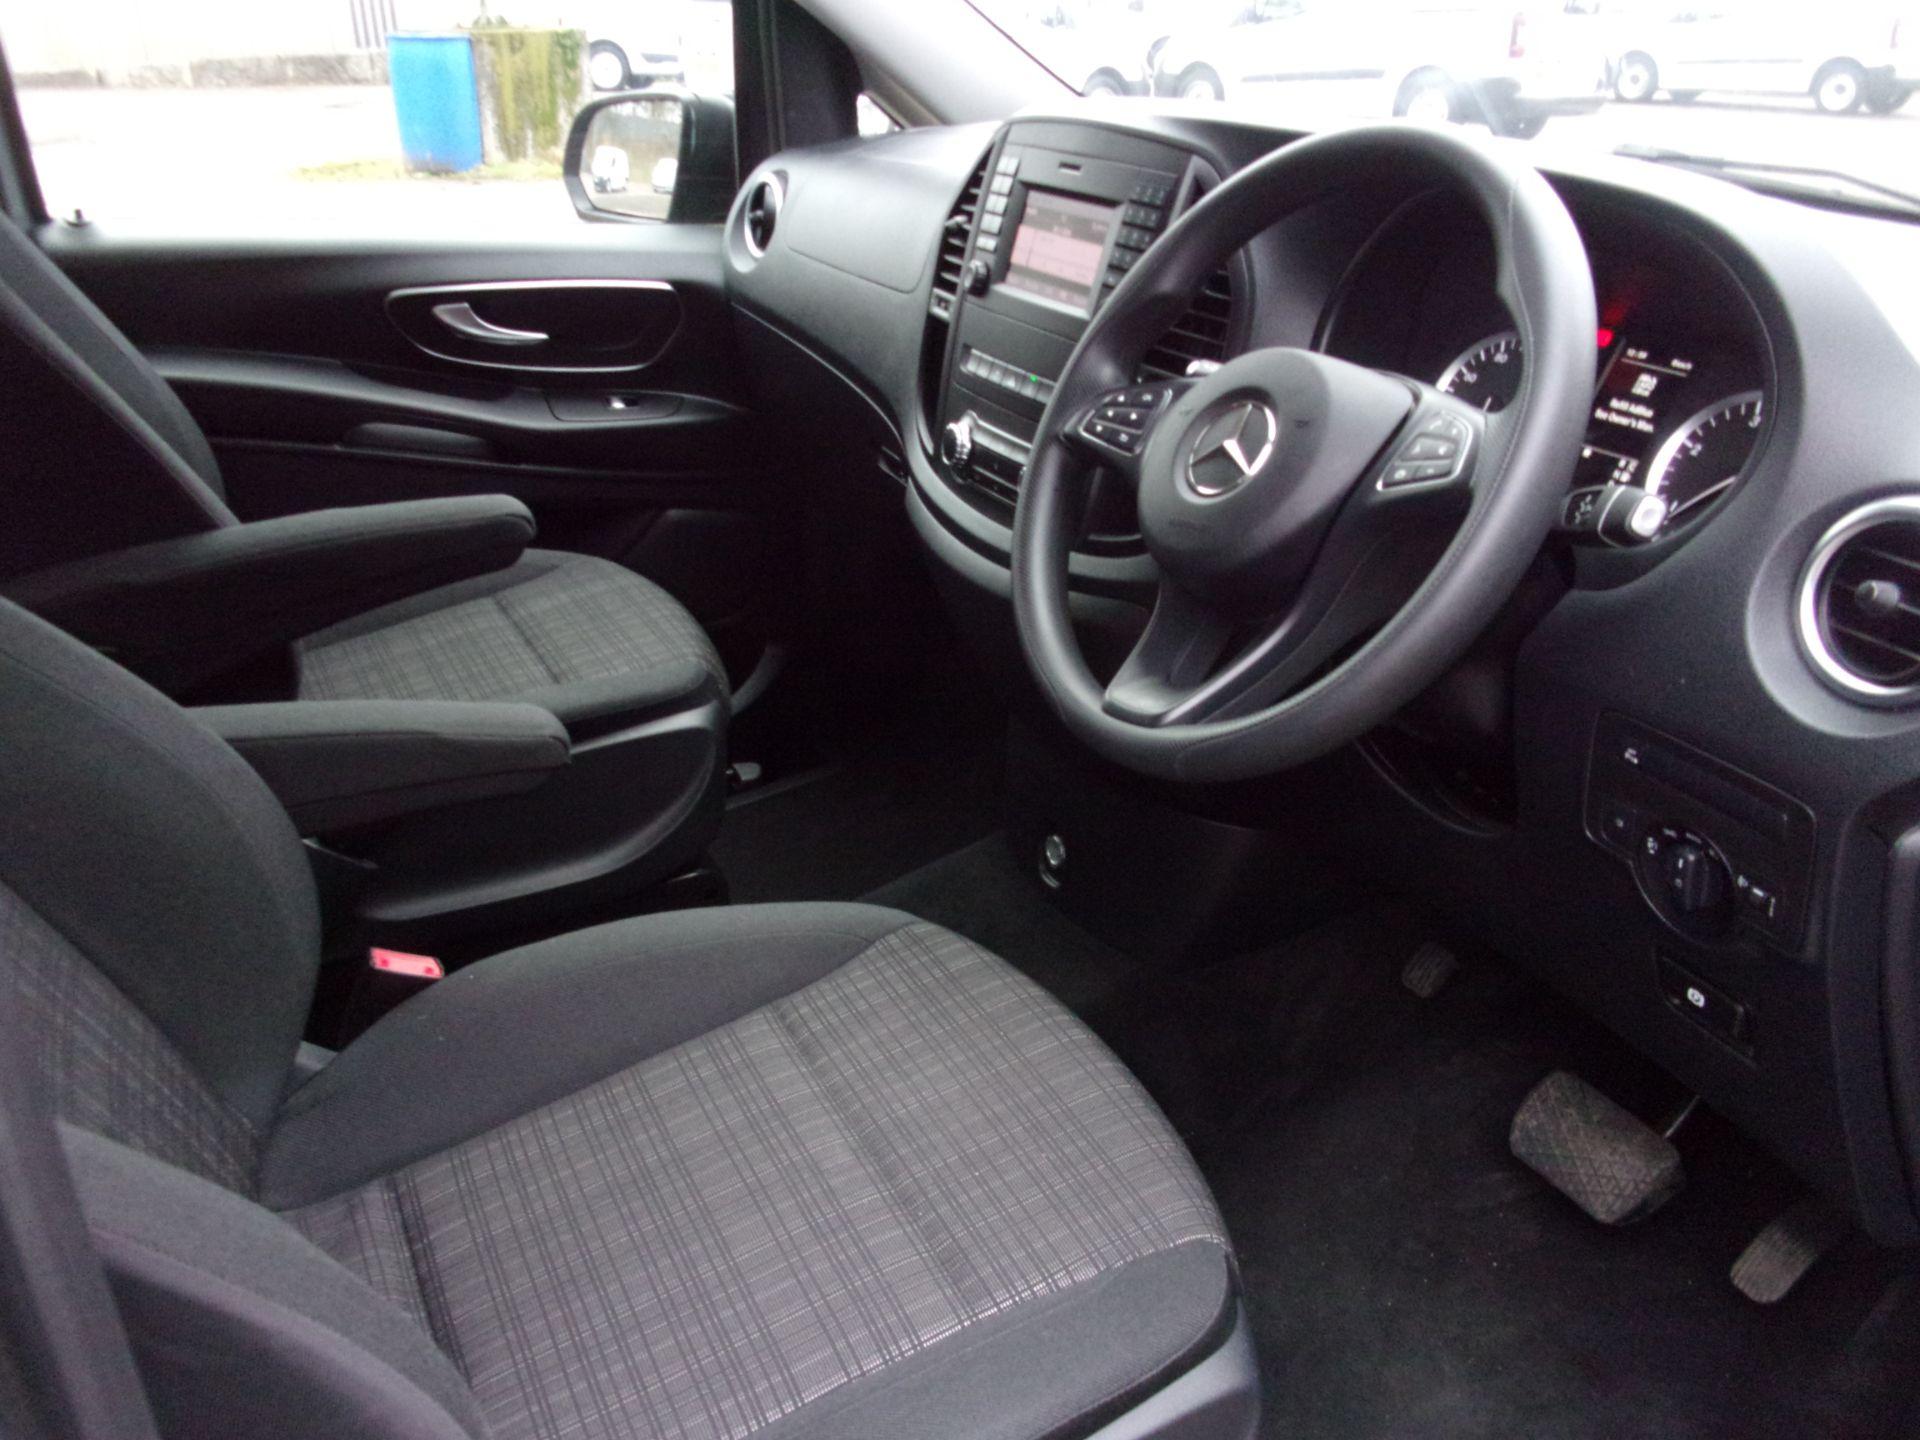 2018 Mercedes-Benz Vito 119 CDI BLUETEC TOURER SELECT AUTO 8 SEAT EURO 6 (KW18SZP) Image 2